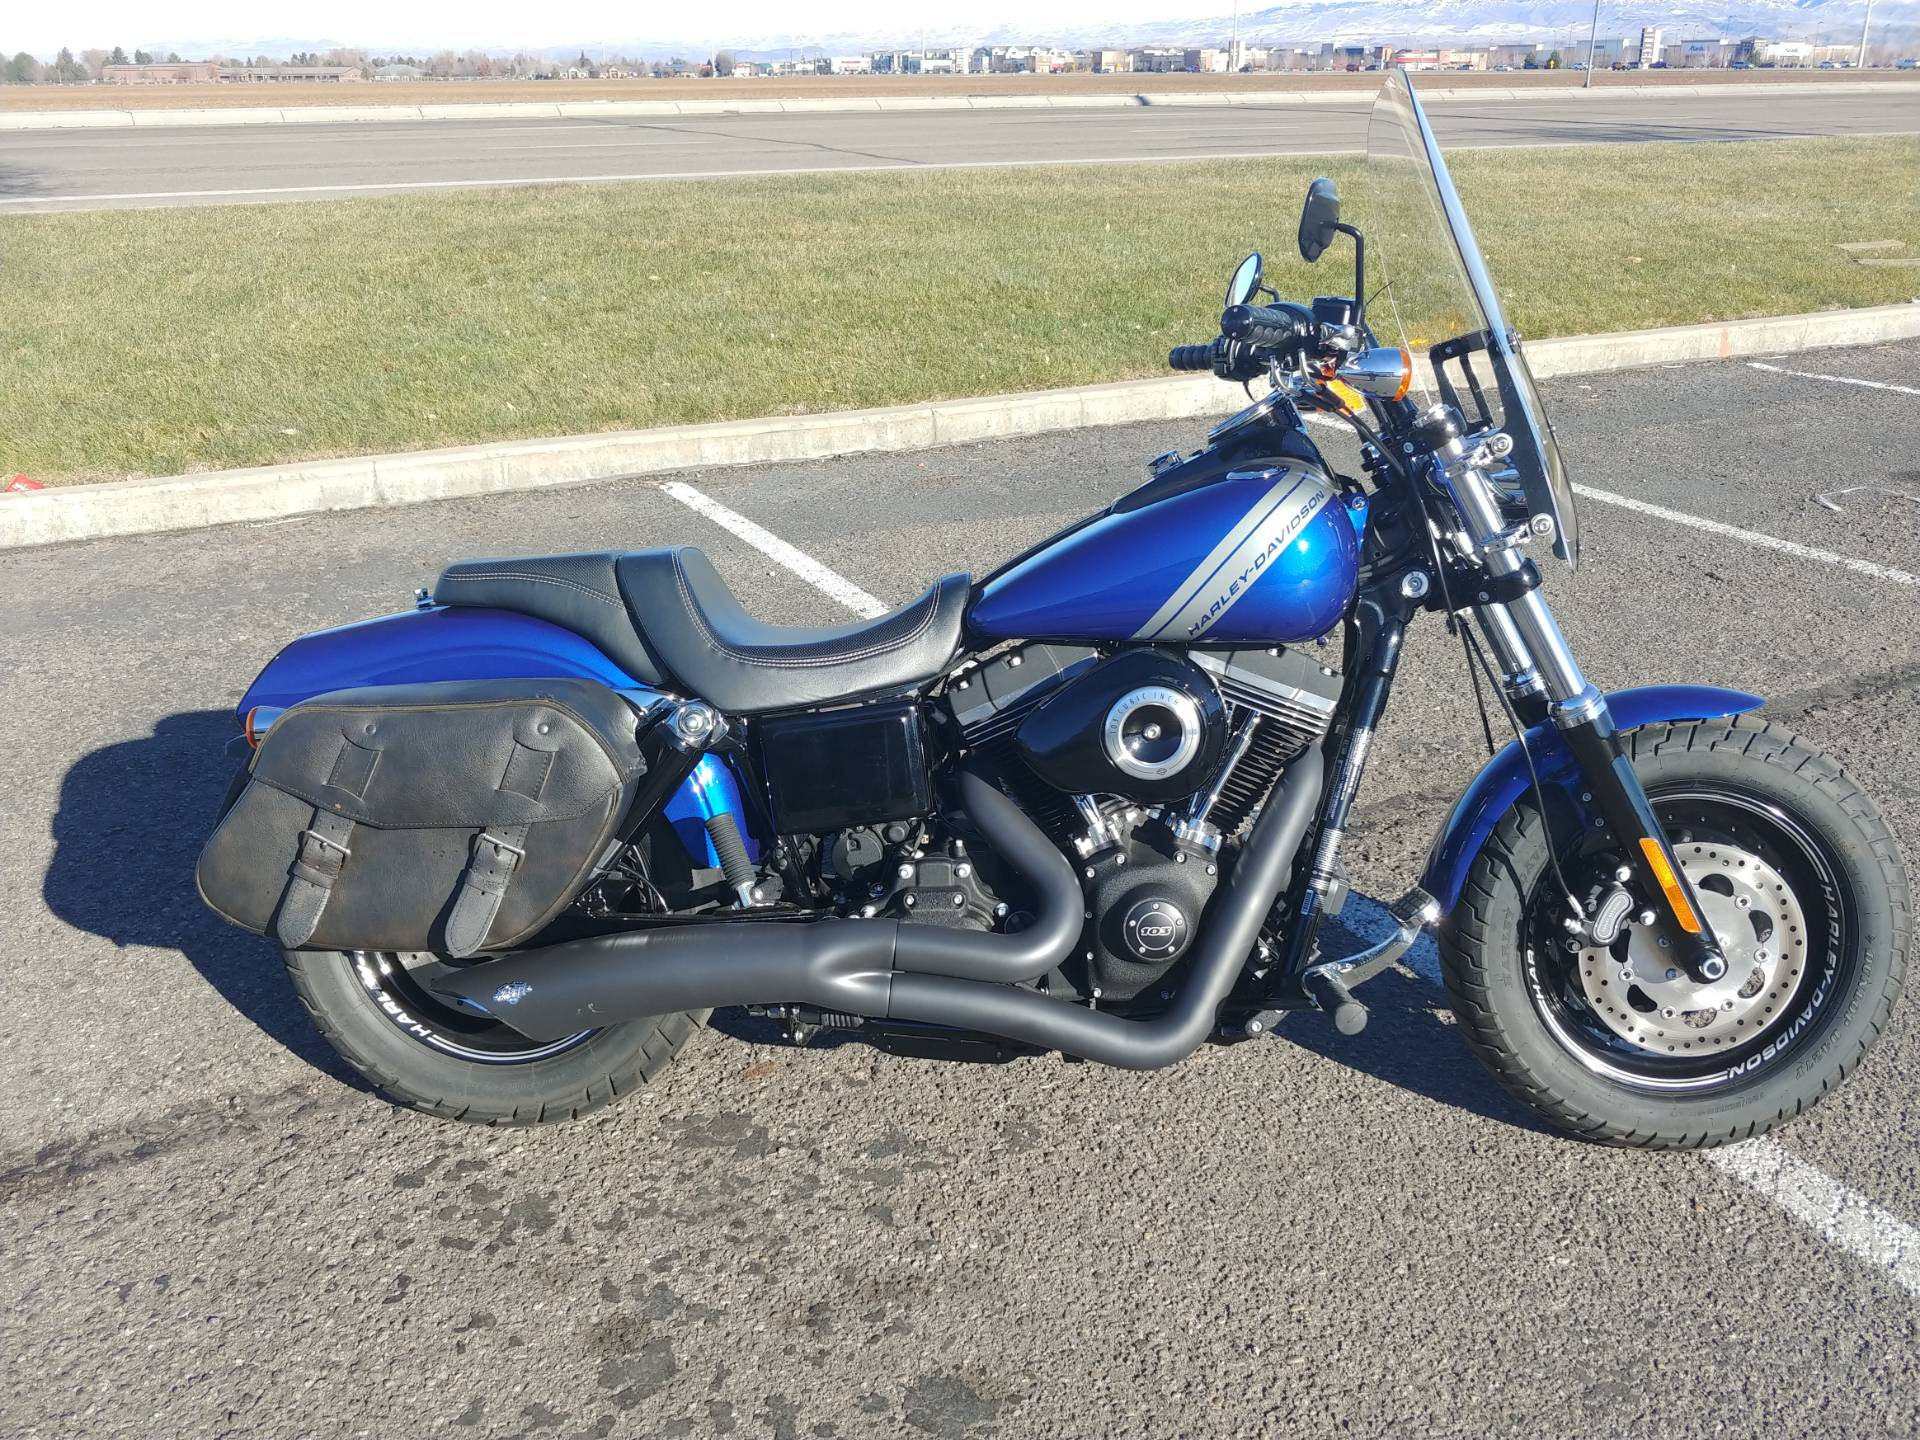 2015 Harley-Davidson Fat Bob for sale 10217